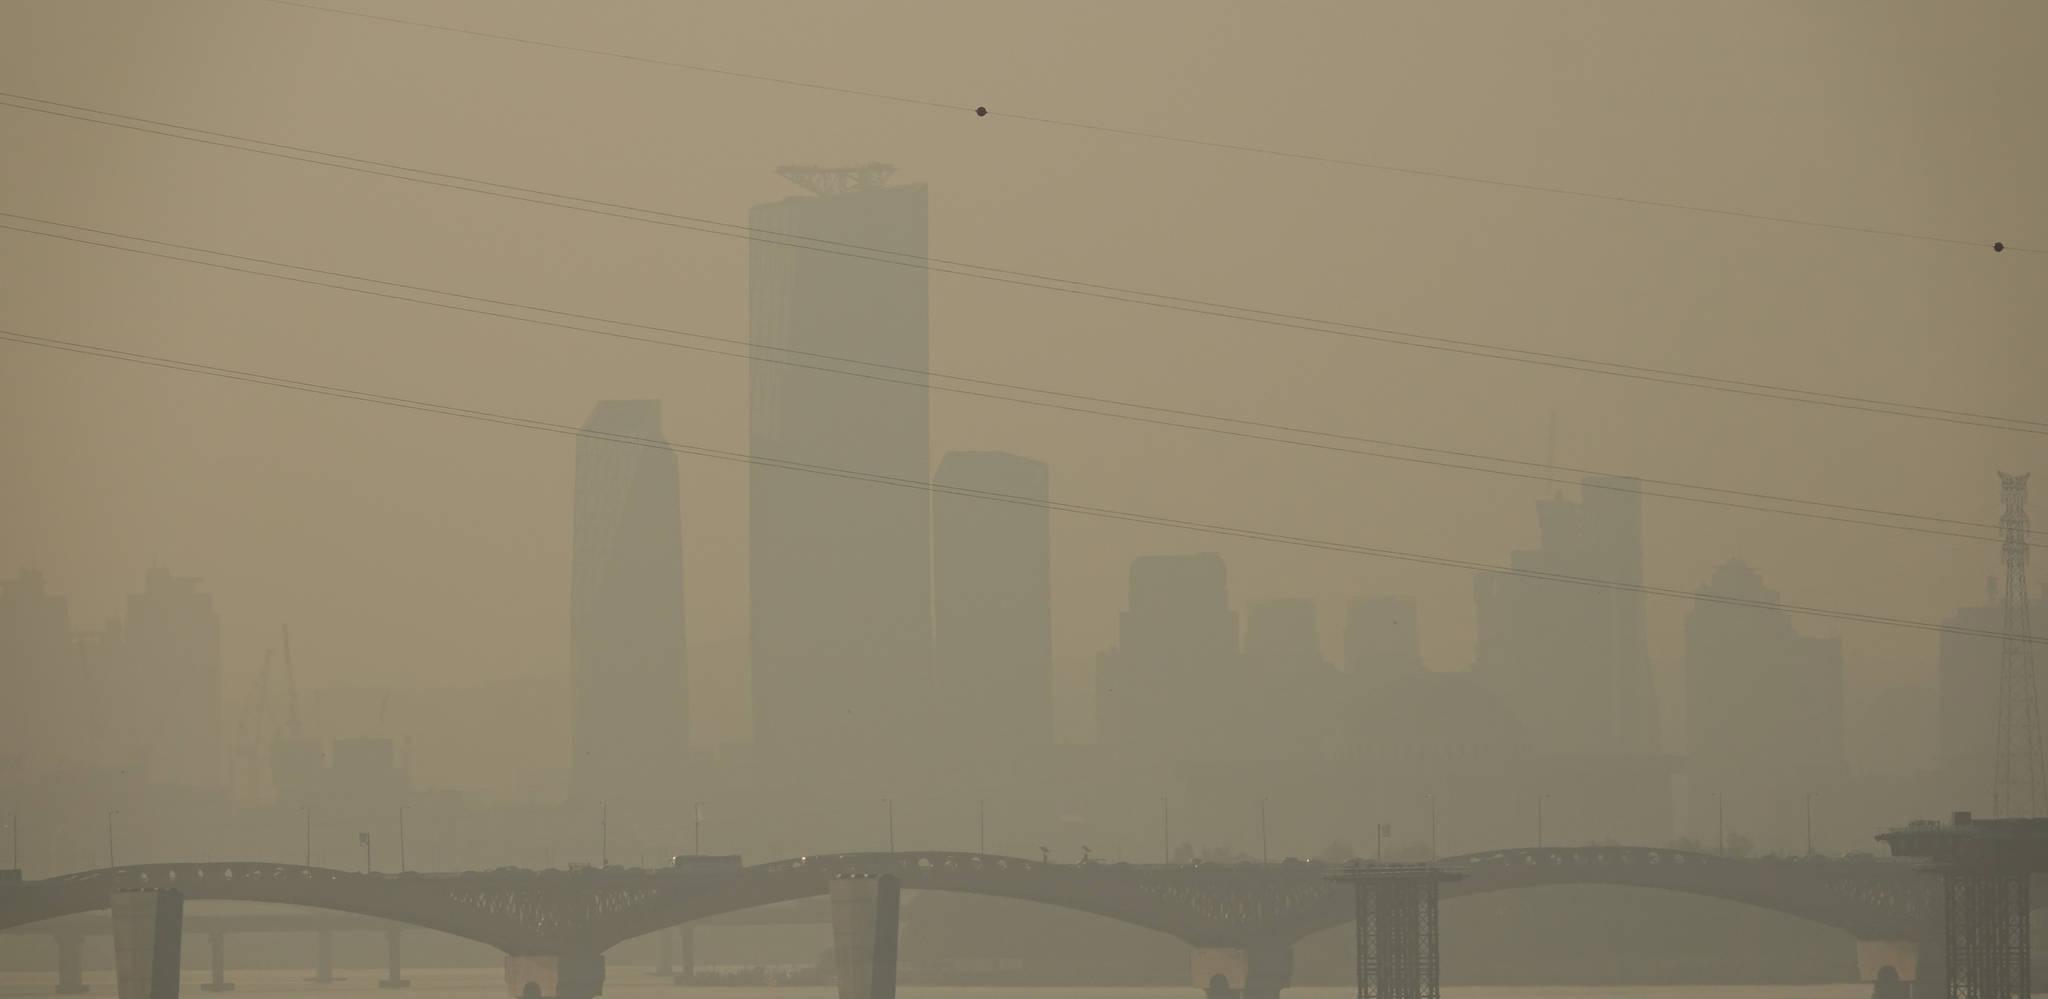 지난달 25일 오전 서울 여의도 지역 건물들이 미세먼지와 짙은 안개로 뿌옇게 보이고 있다. [연합뉴스]